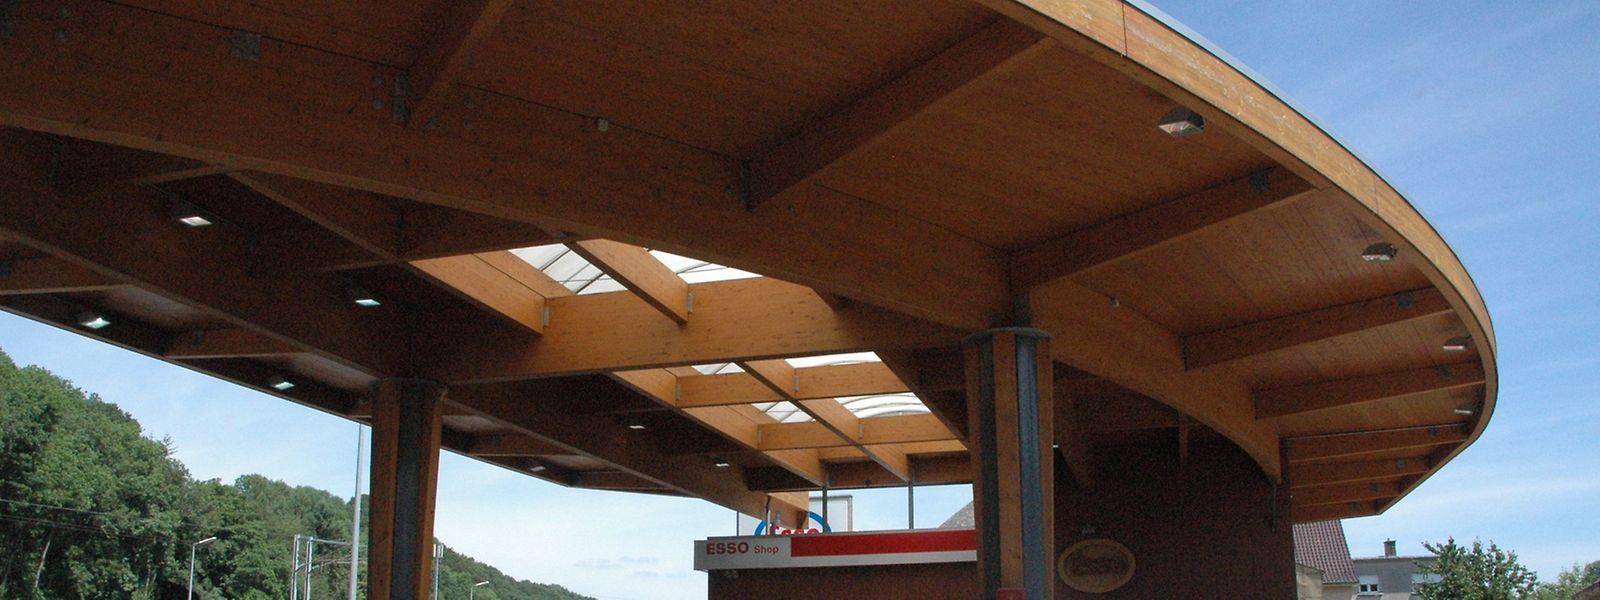 In Ingeldorf befindet sich die erste in Holz- und Stahlbauweise errichtete Tankstelle Europas.